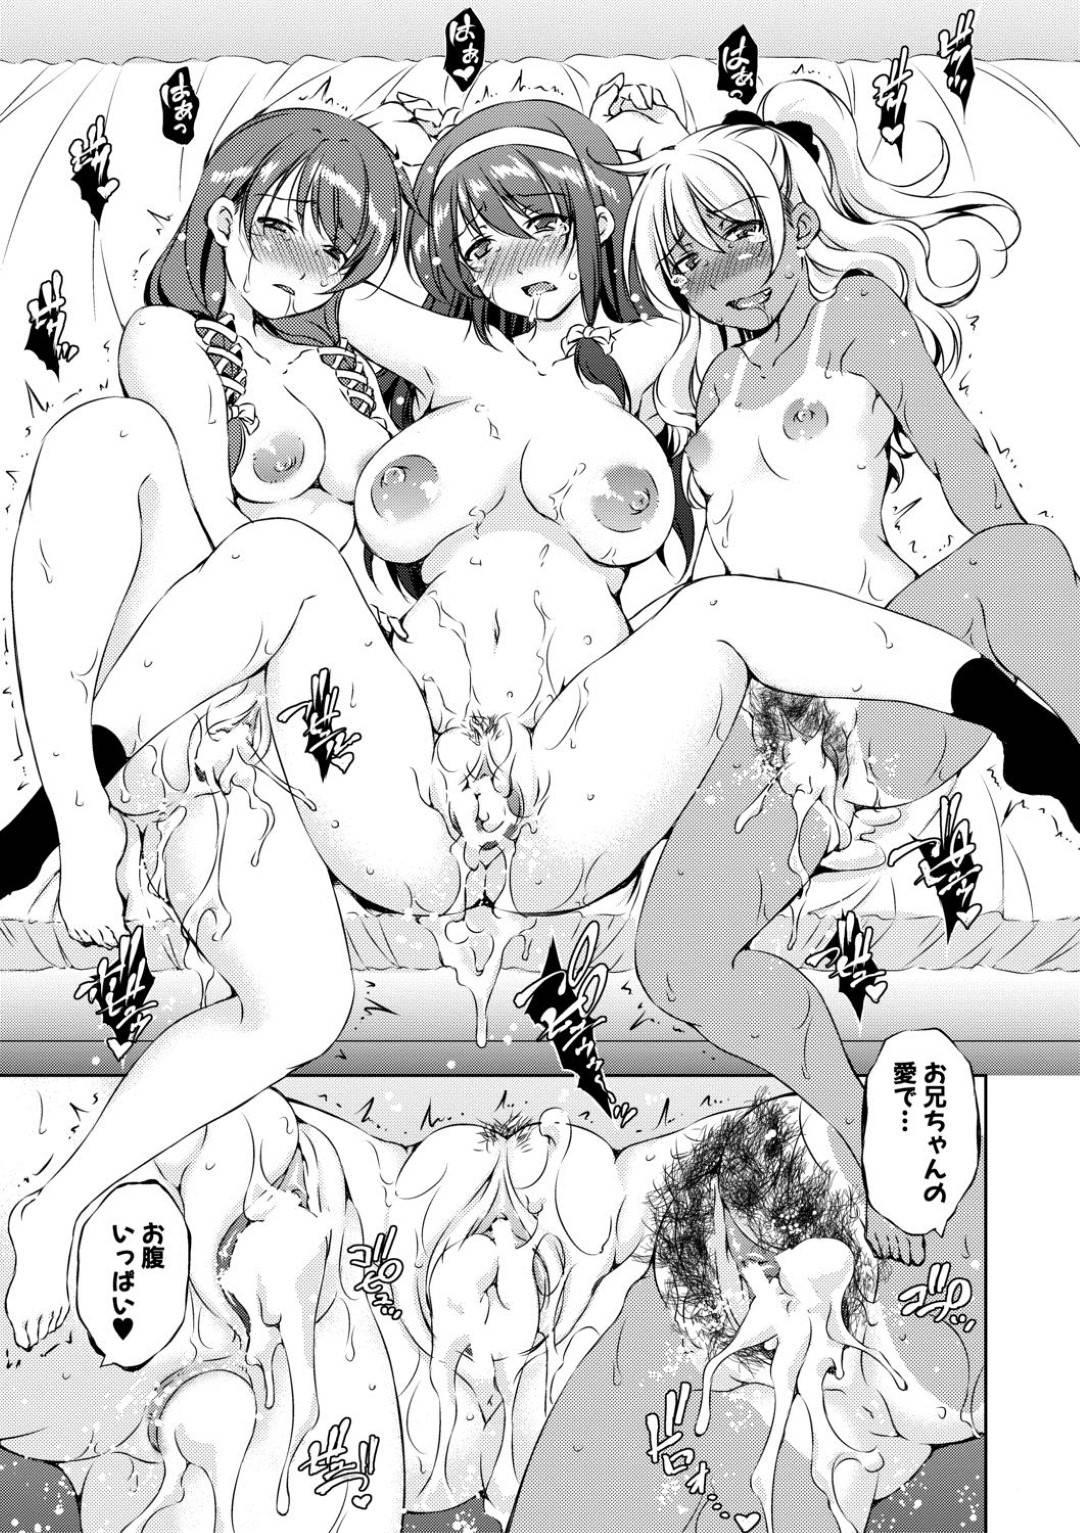 【エロ漫画】実の兄と近親相姦しまくるJK妹達…彼女たちは彼にセックスをねだっては正常位やバックなどの体位で生挿入させて大量中出しさせまくる!【Takane:私を選んで、お兄ちゃん 後編】